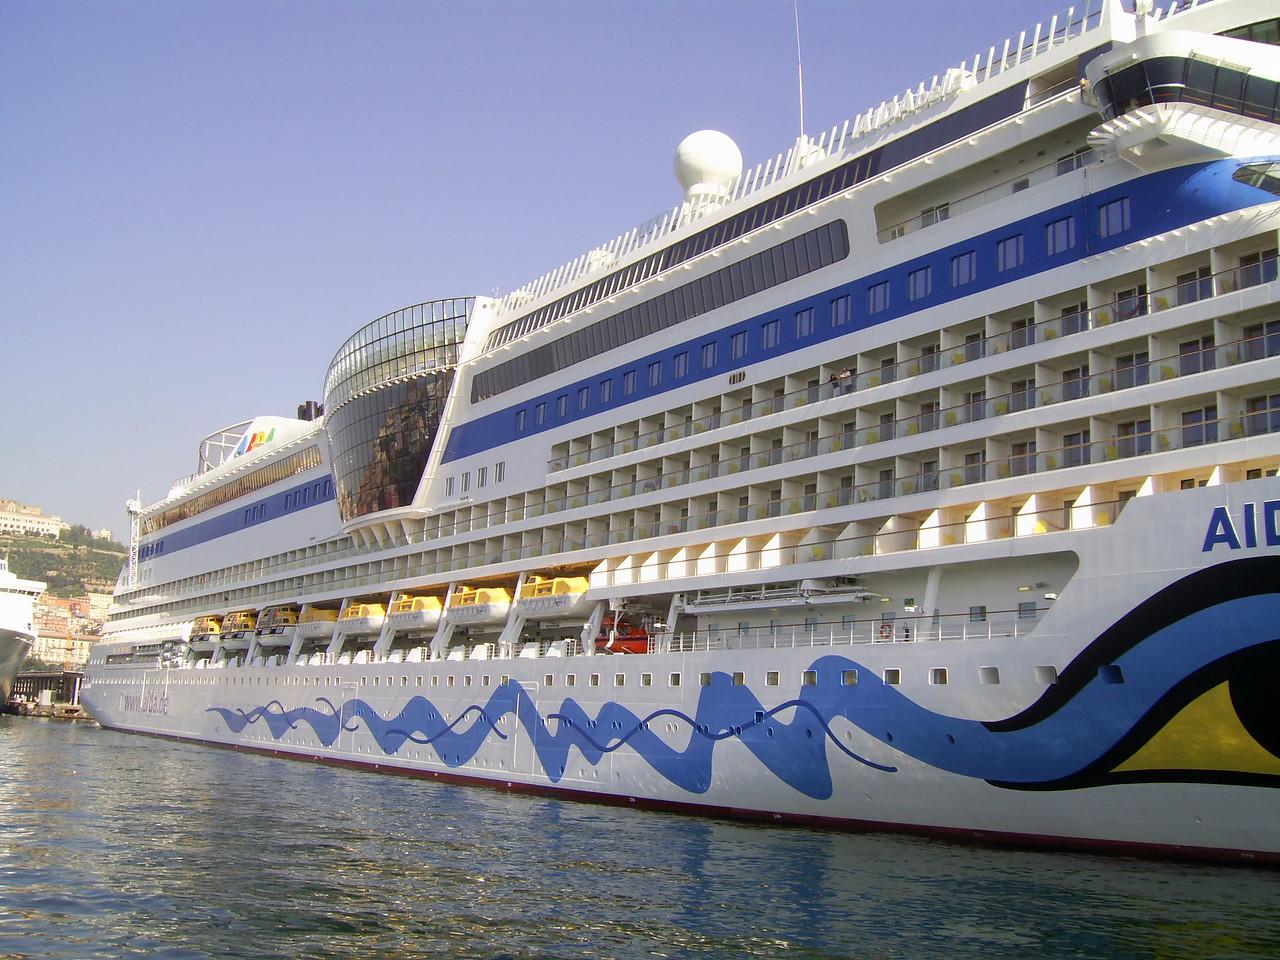 2010 - M/S AIDA BELLA in Napoli.